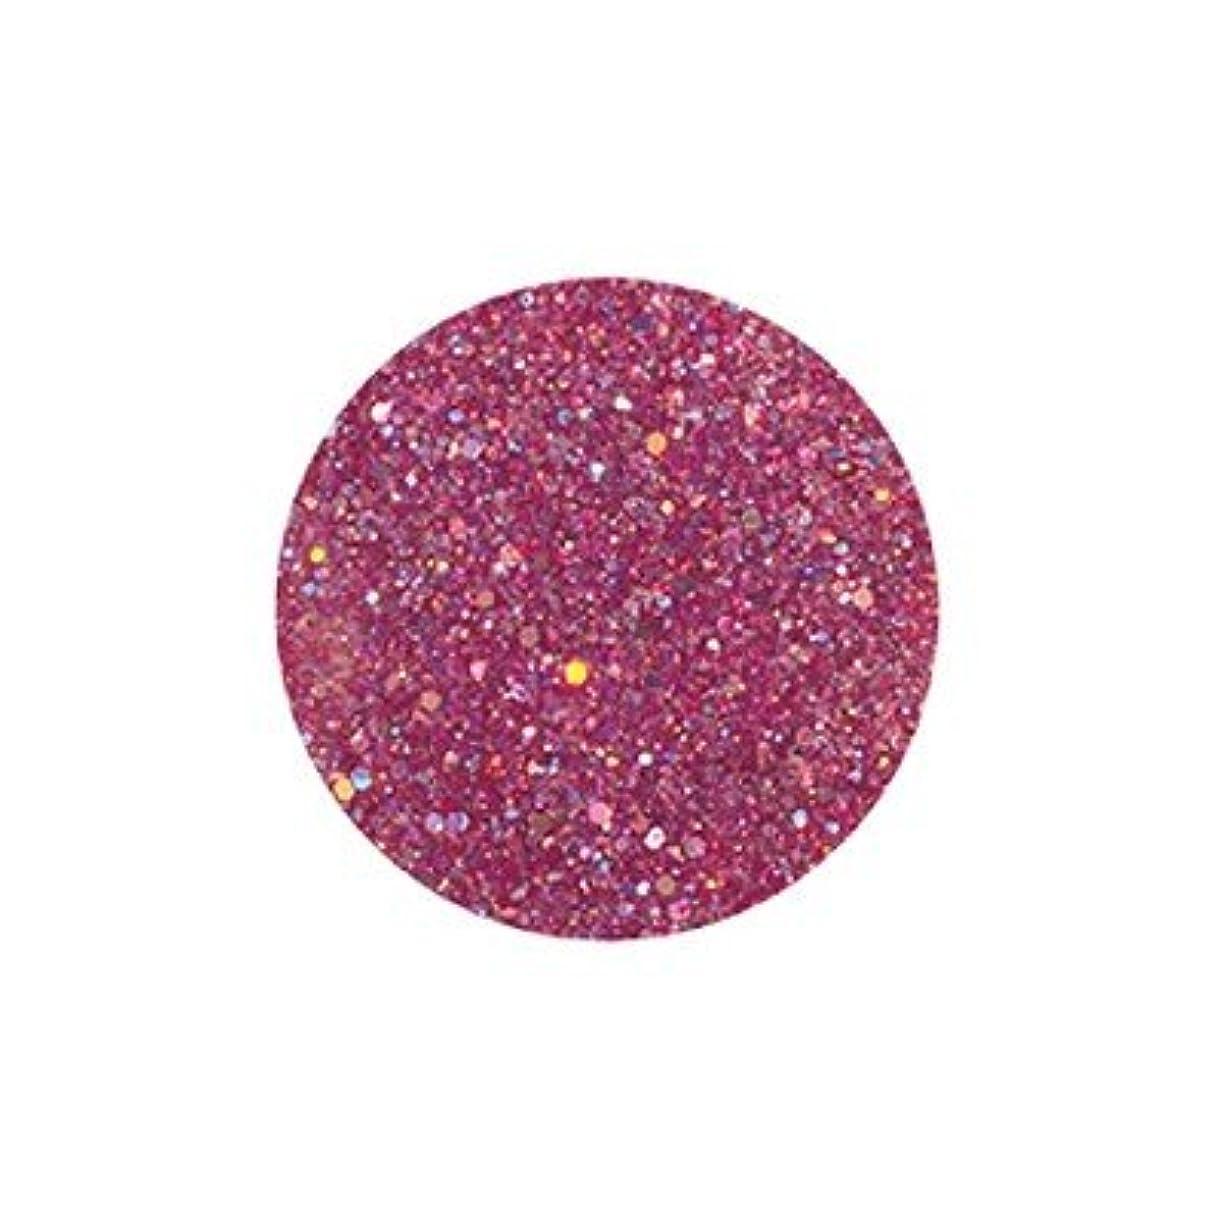 極端な逆にじゃがいもFANTASY NAIL ダイヤモンドコレクション 3g 4259XS カラーパウダー アート材